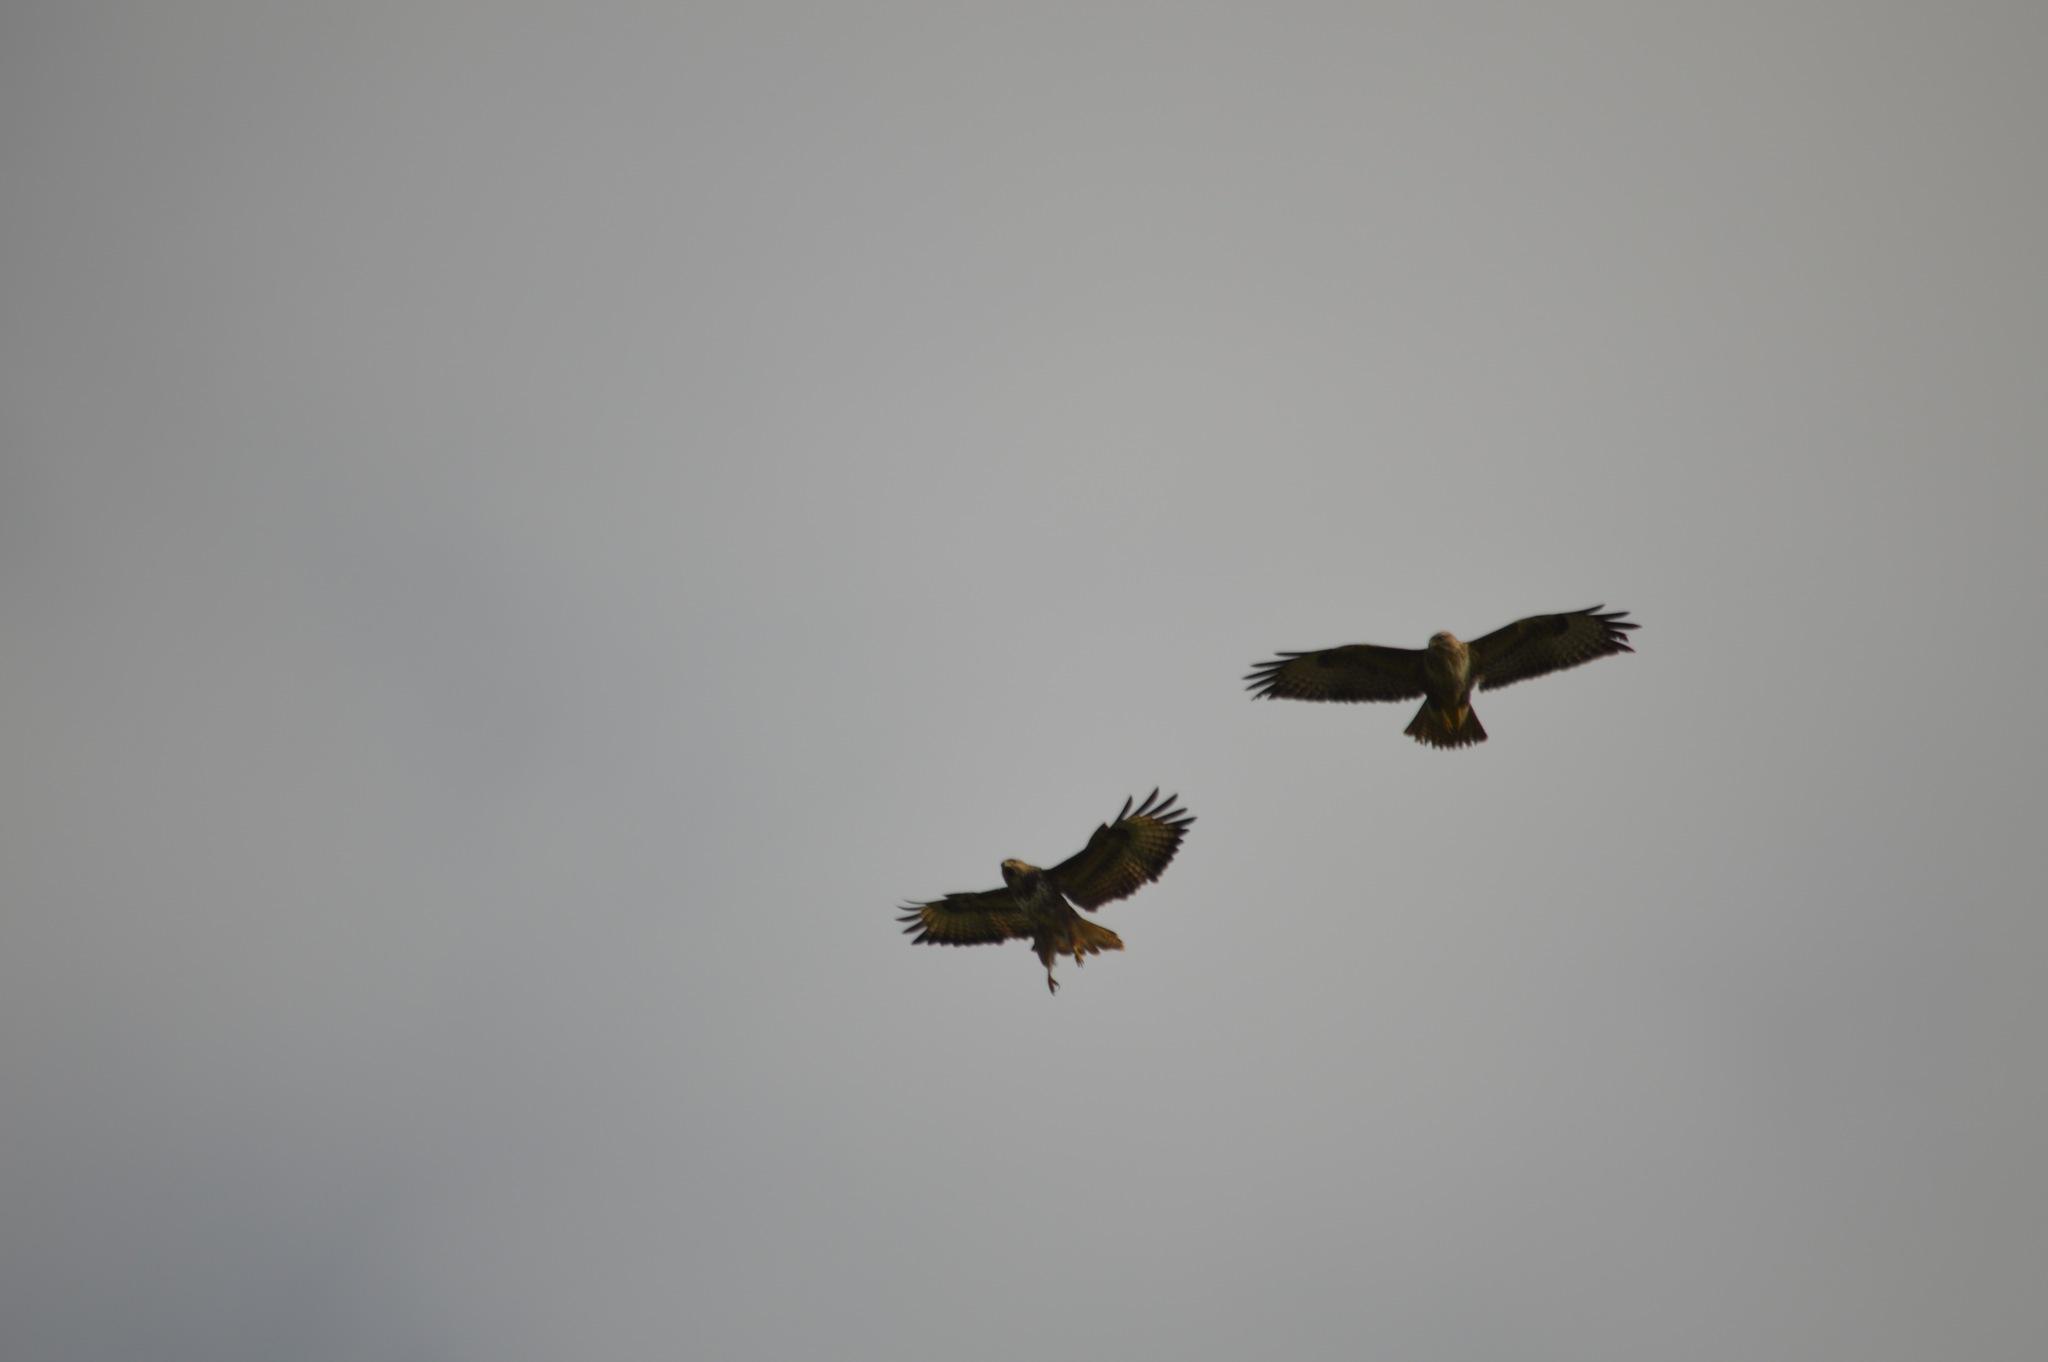 buzzards by adrian.williams.58323